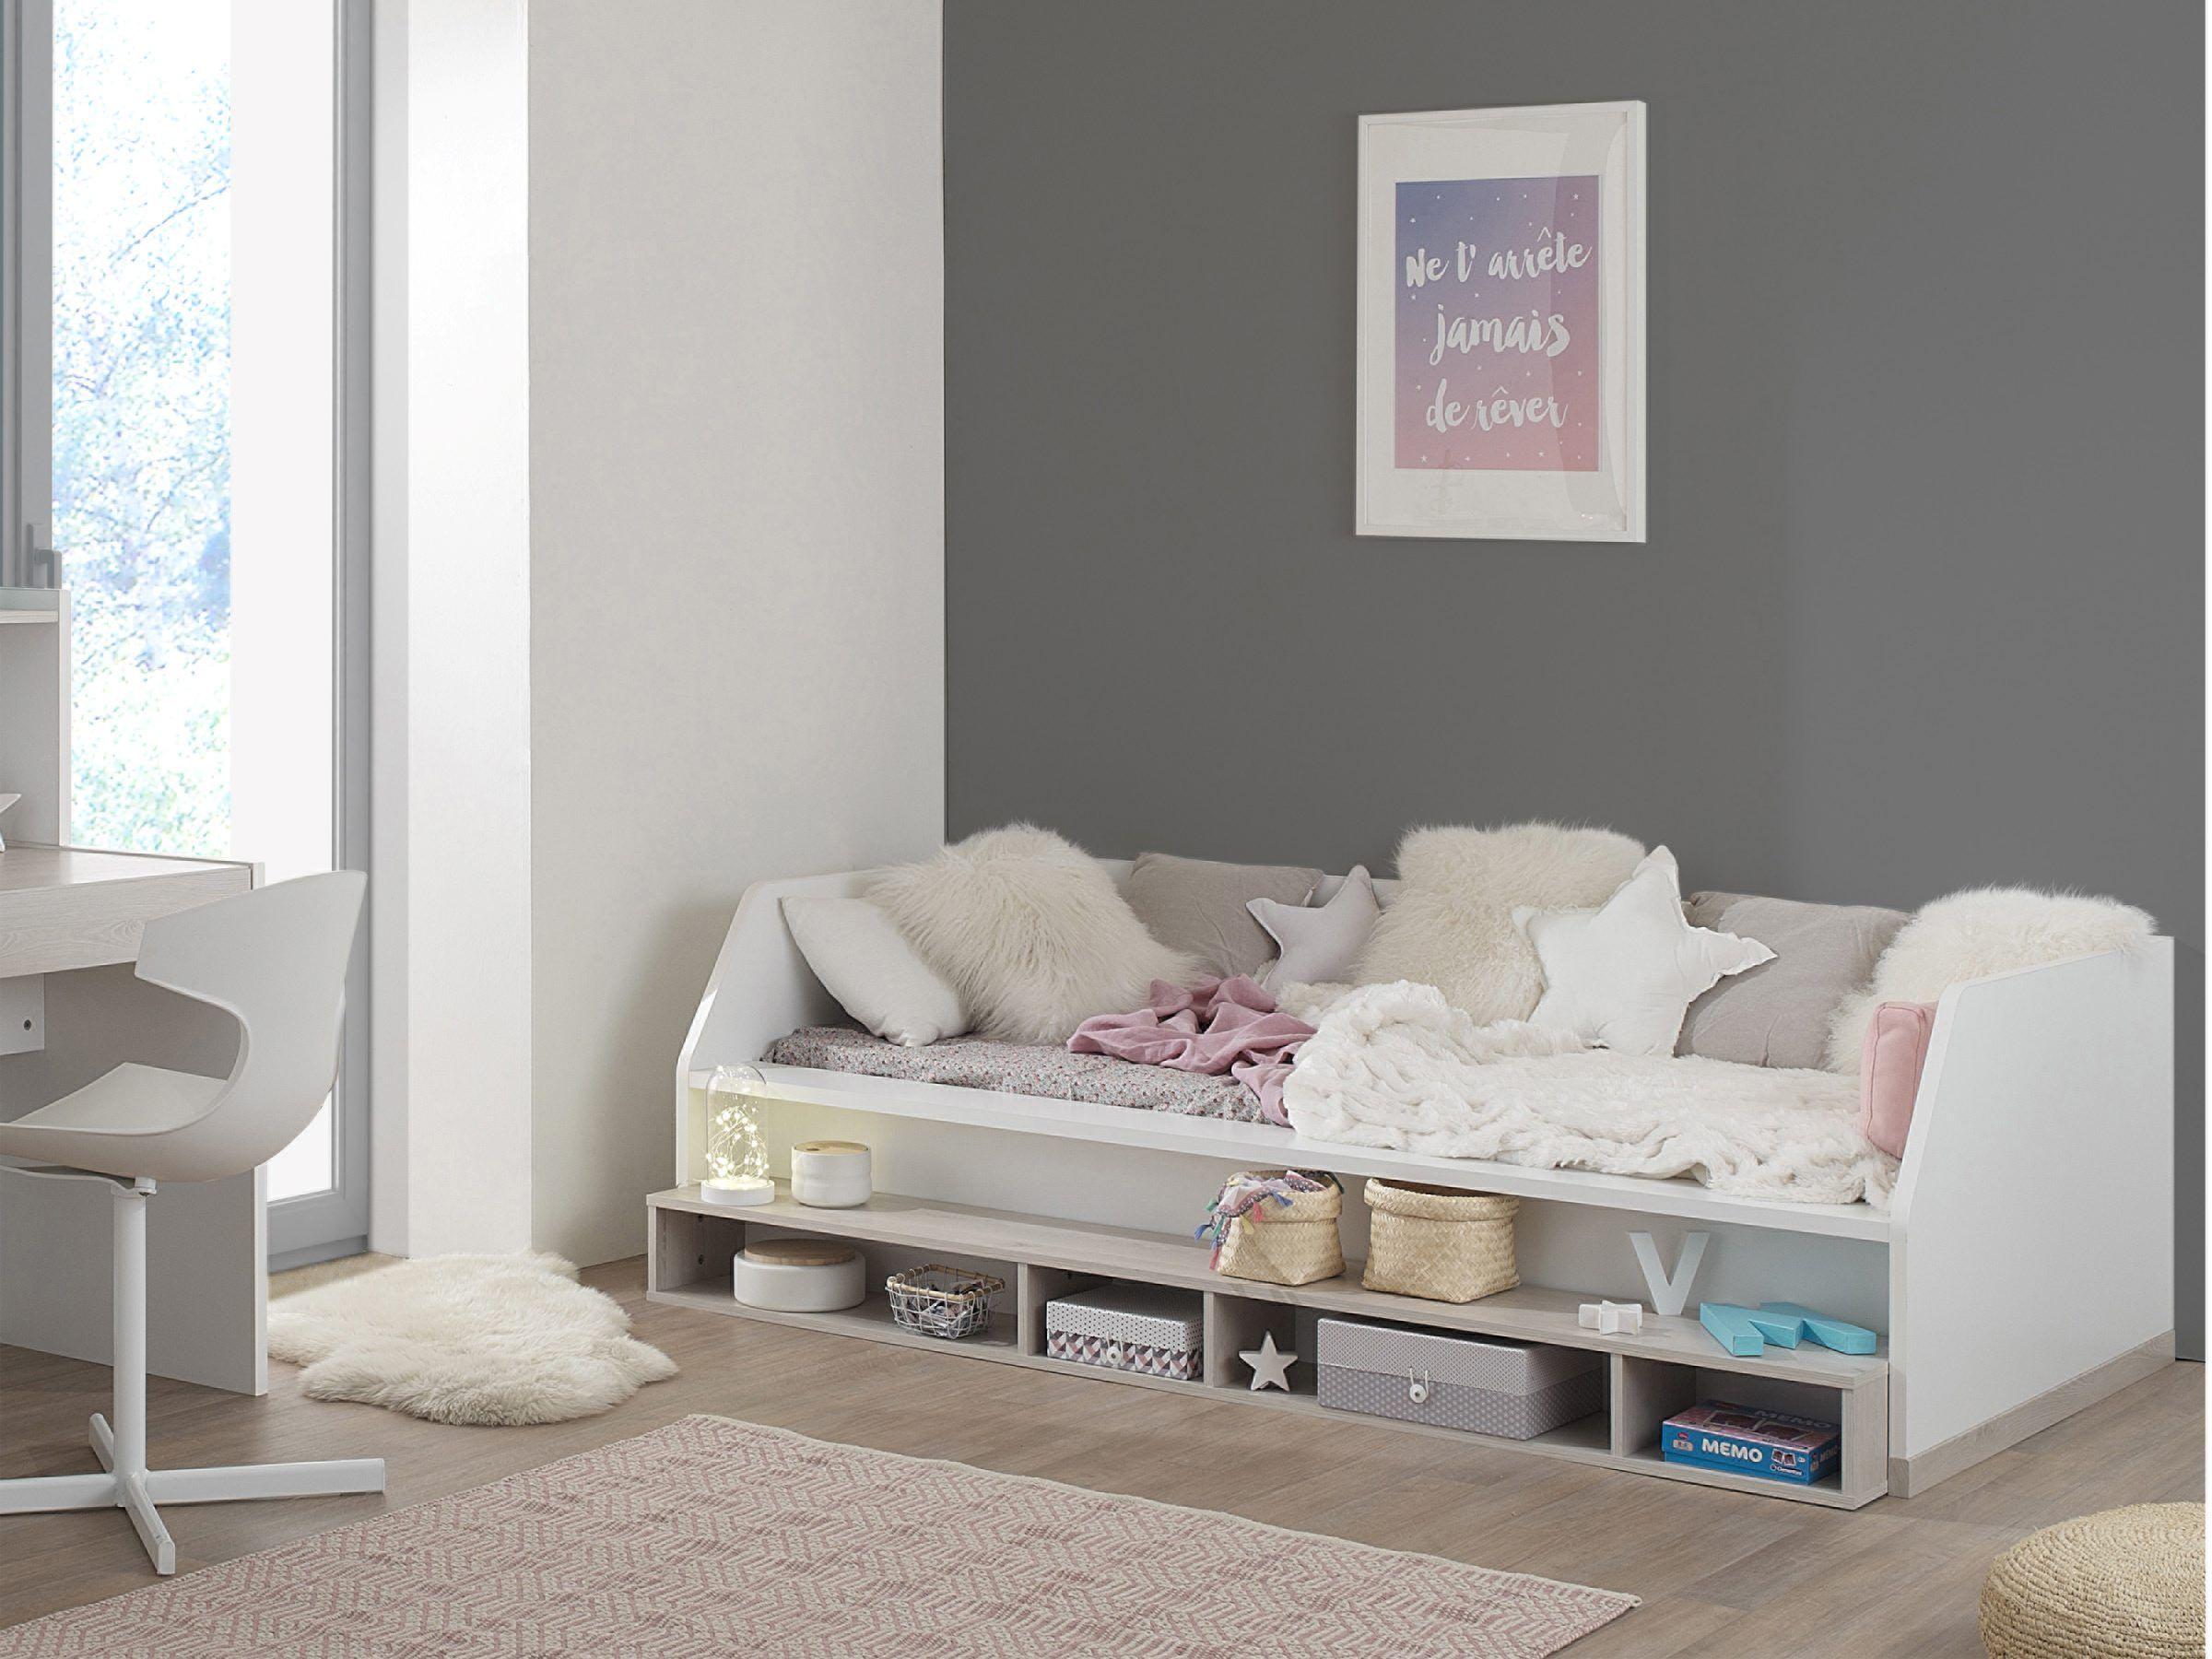 Achat Meubles Canape Lit Matelas Table Salon Et Bureau Achat Electromenager Tv Et Hi Fi Le Design Pas Cher Lit Enfant Meuble Canape Lit